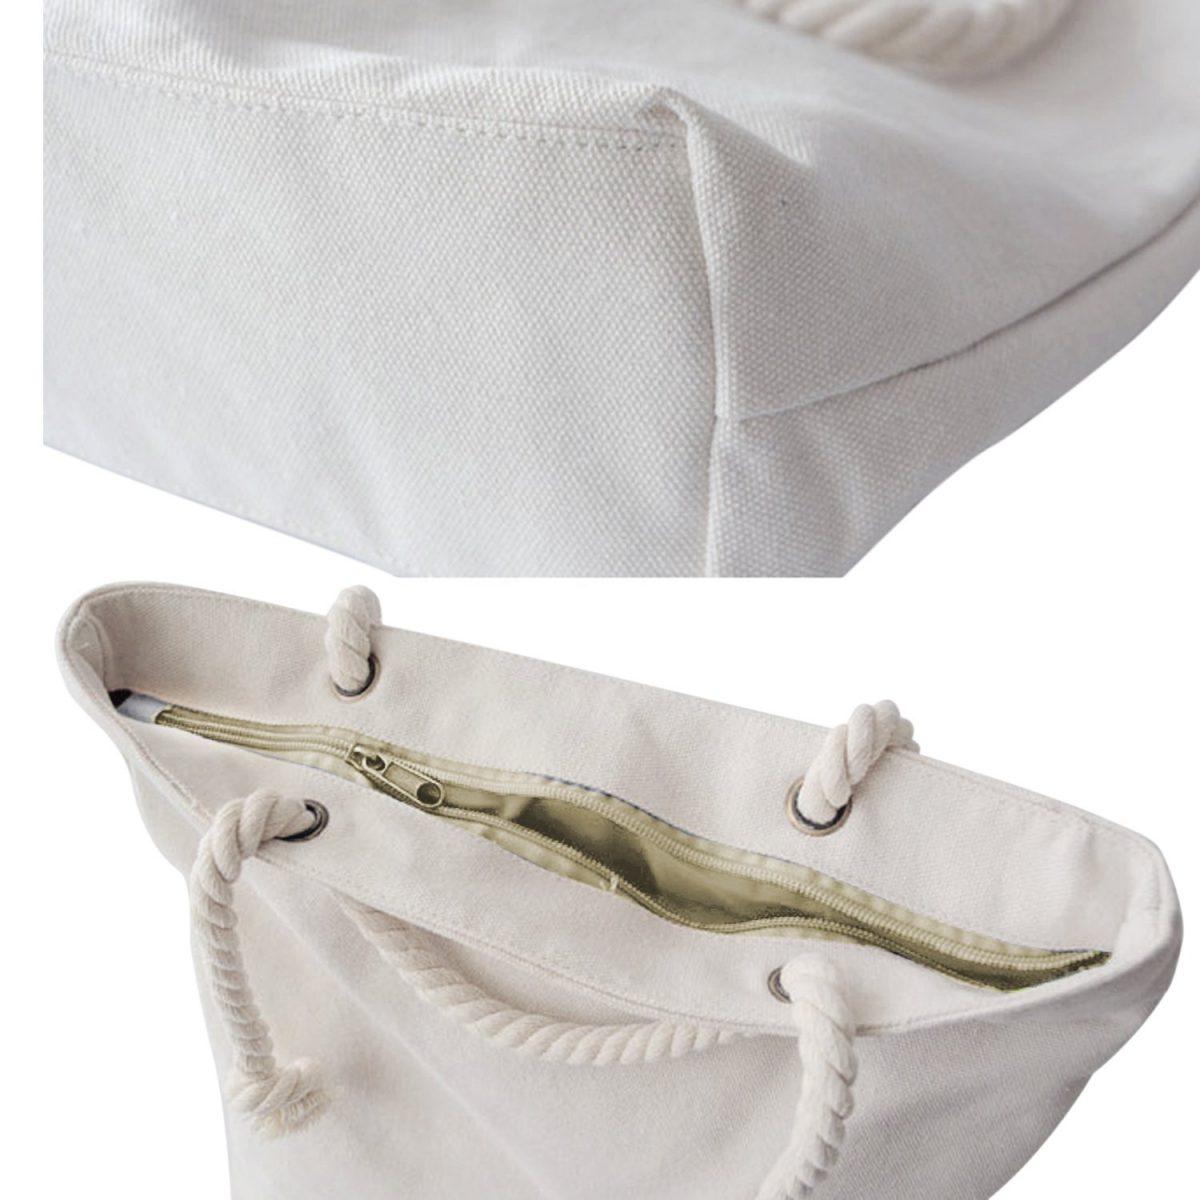 Altın Detaylı 3D Yaprak Desenli Modern Fermuarlı Kumaş Çanta Realhomes